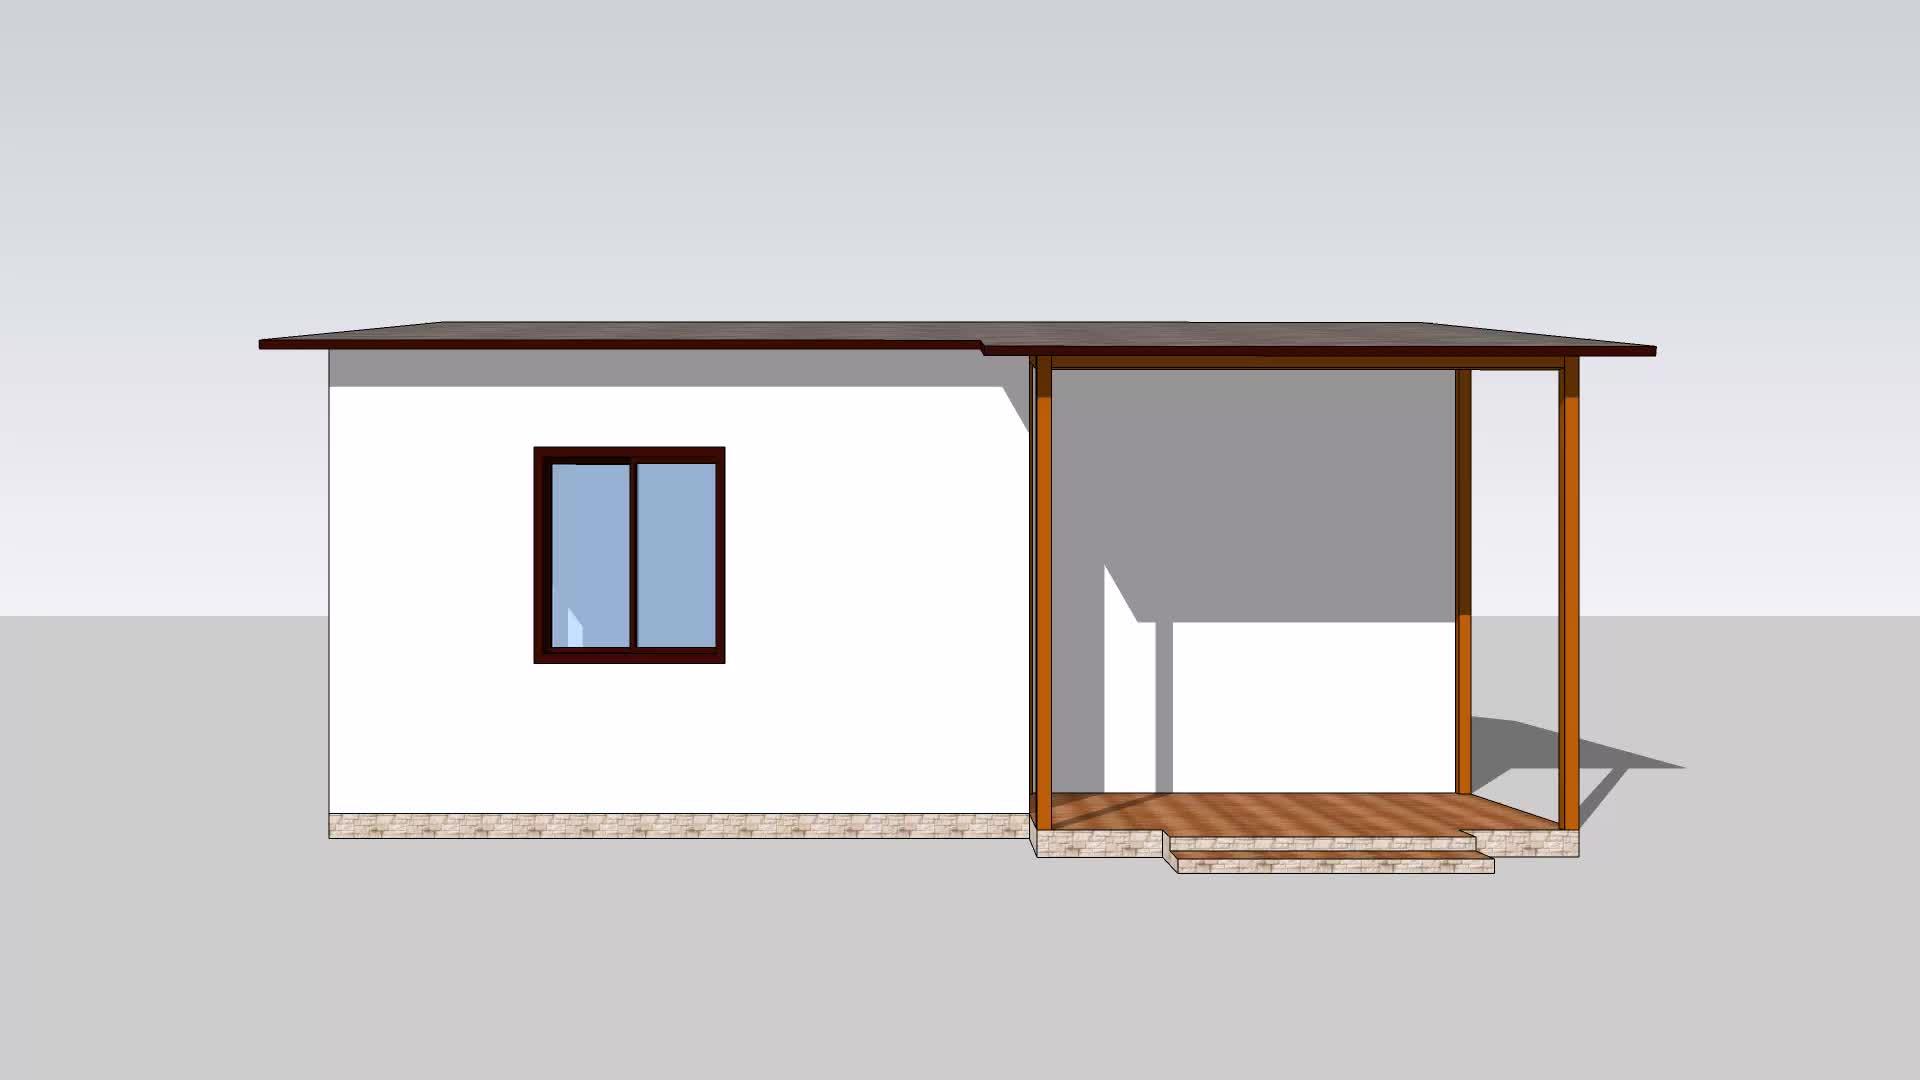 يو بي إس مشروع جديد سريع بناء العقارات الصغيرة منازل الجاهزة الصين الصانع